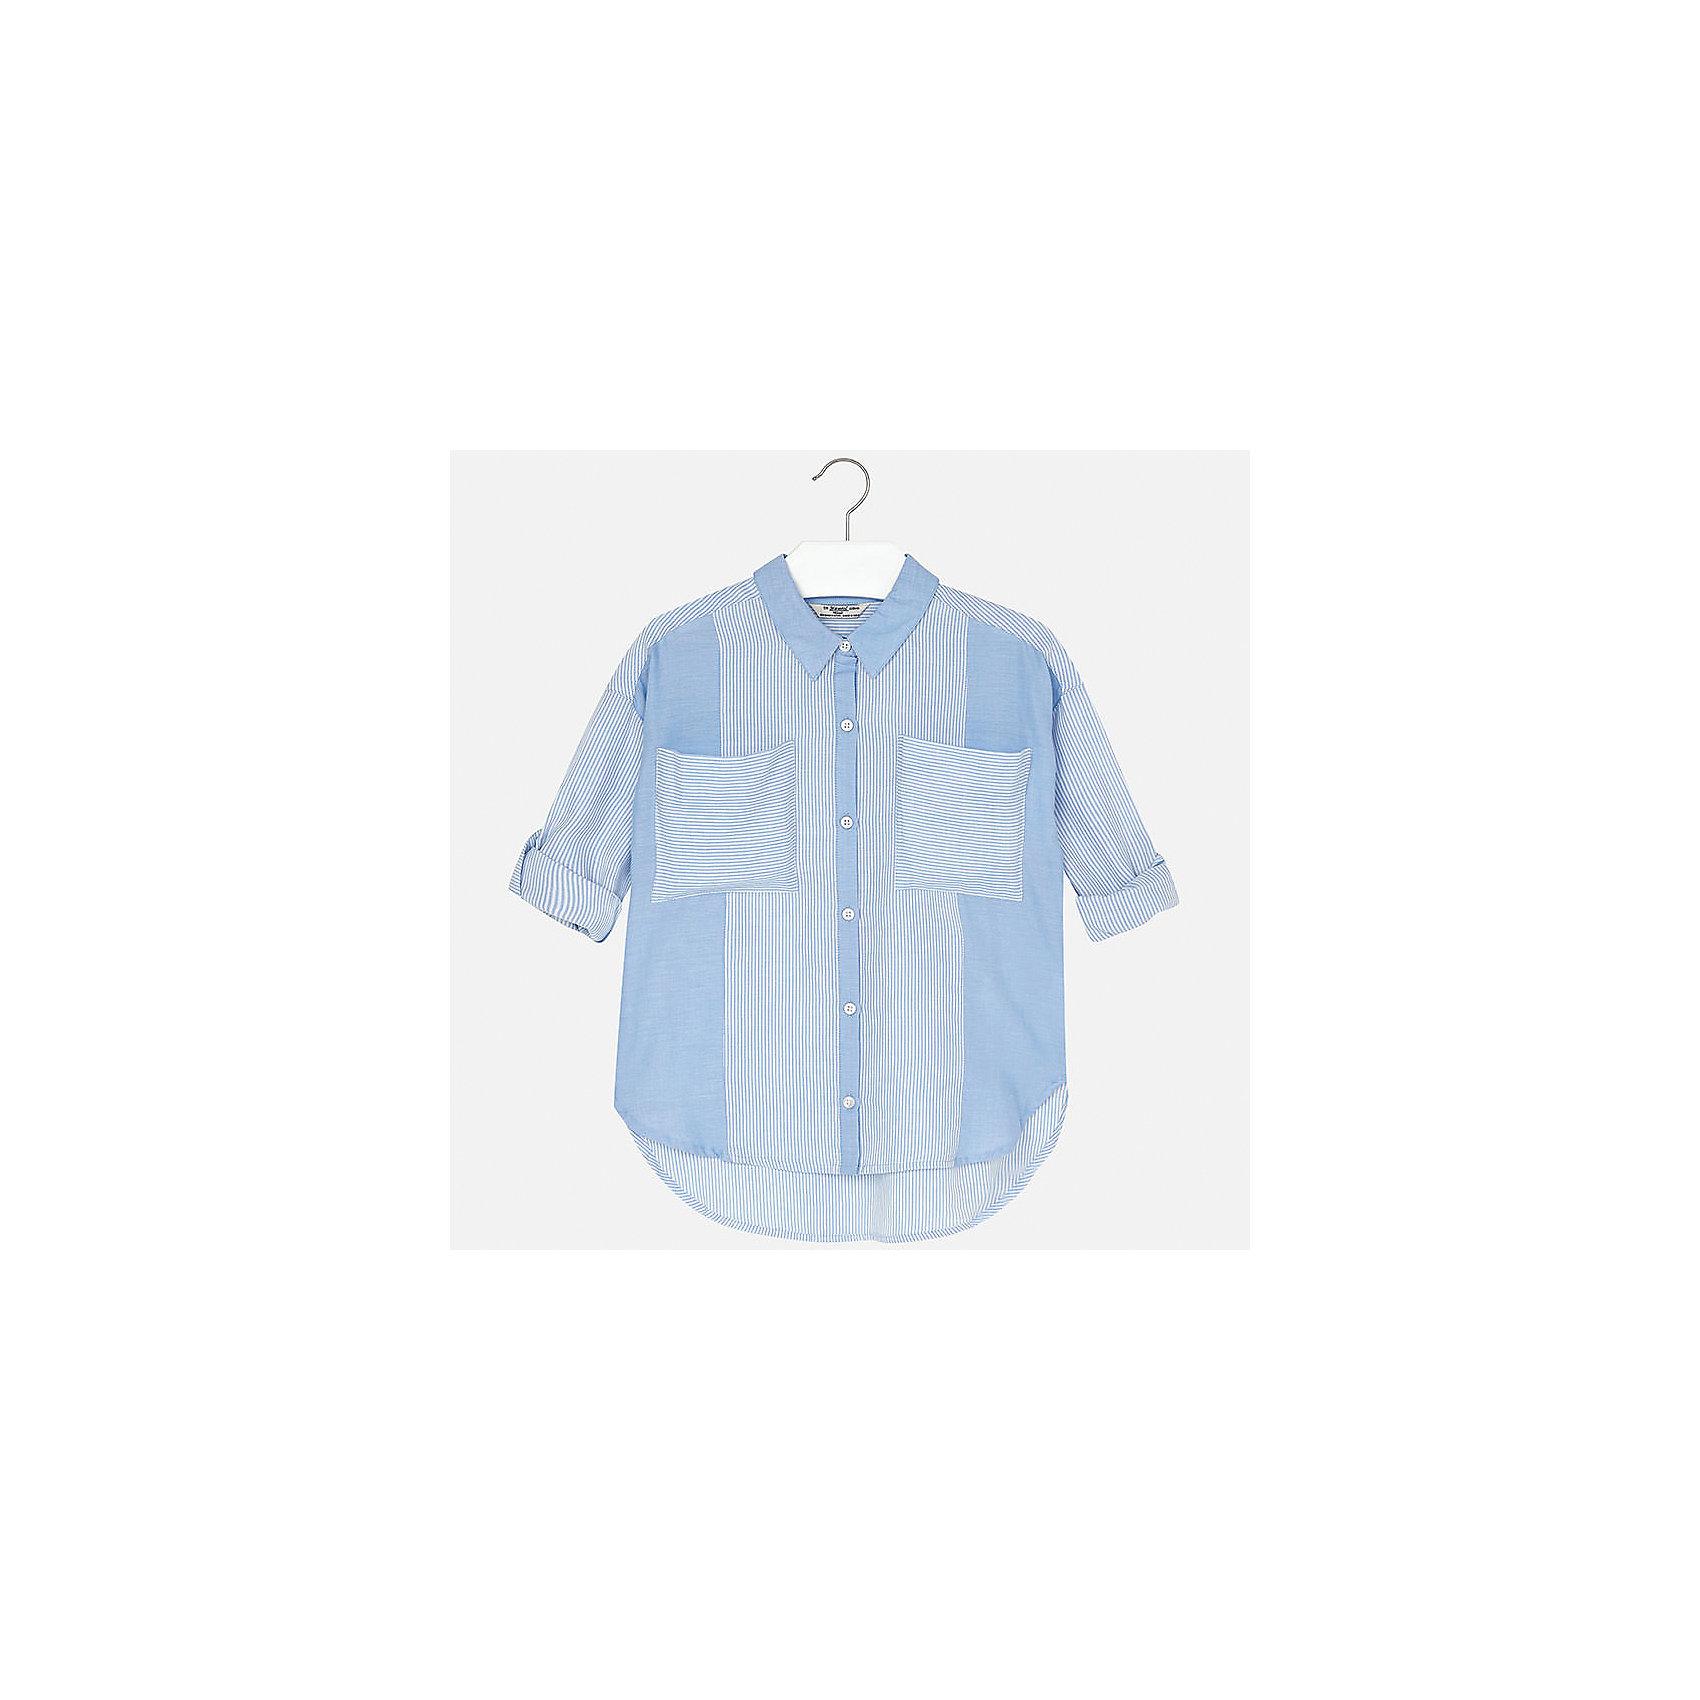 Блузка для девочки MayoralБлузки и рубашки<br>Характеристики товара:<br><br>• цвет: голубой<br>• состав: 100% хлопок<br>• легкий материал<br>• пуговицы<br>• карманы<br>• отложной воротник<br>• рукава с отворотами<br>• страна бренда: Испания<br><br>Модная легкая блузка для девочки поможет разнообразить гардероб ребенка и украсить наряд. Она отлично сочетается и с юбками, и с шортами, и с брюками. Универсальный цвет позволяет подобрать к вещи низ практически любой расцветки. Интересный крой модели делает её нарядной и оригинальной. В составе материала - натуральный хлопок, гипоаллергенный, приятный на ощупь, дышащий.<br><br>Одежда, обувь и аксессуары от испанского бренда Mayoral полюбились детям и взрослым по всему миру. Модели этой марки - стильные и удобные. Для их производства используются только безопасные, качественные материалы и фурнитура. Порадуйте ребенка модными и красивыми вещами от Mayoral! <br><br>Блузку для девочки от испанского бренда Mayoral (Майорал) можно купить в нашем интернет-магазине.<br><br>Ширина мм: 186<br>Глубина мм: 87<br>Высота мм: 198<br>Вес г: 197<br>Цвет: голубой<br>Возраст от месяцев: 84<br>Возраст до месяцев: 96<br>Пол: Женский<br>Возраст: Детский<br>Размер: 128/134,170,140,152,158,164<br>SKU: 5292631